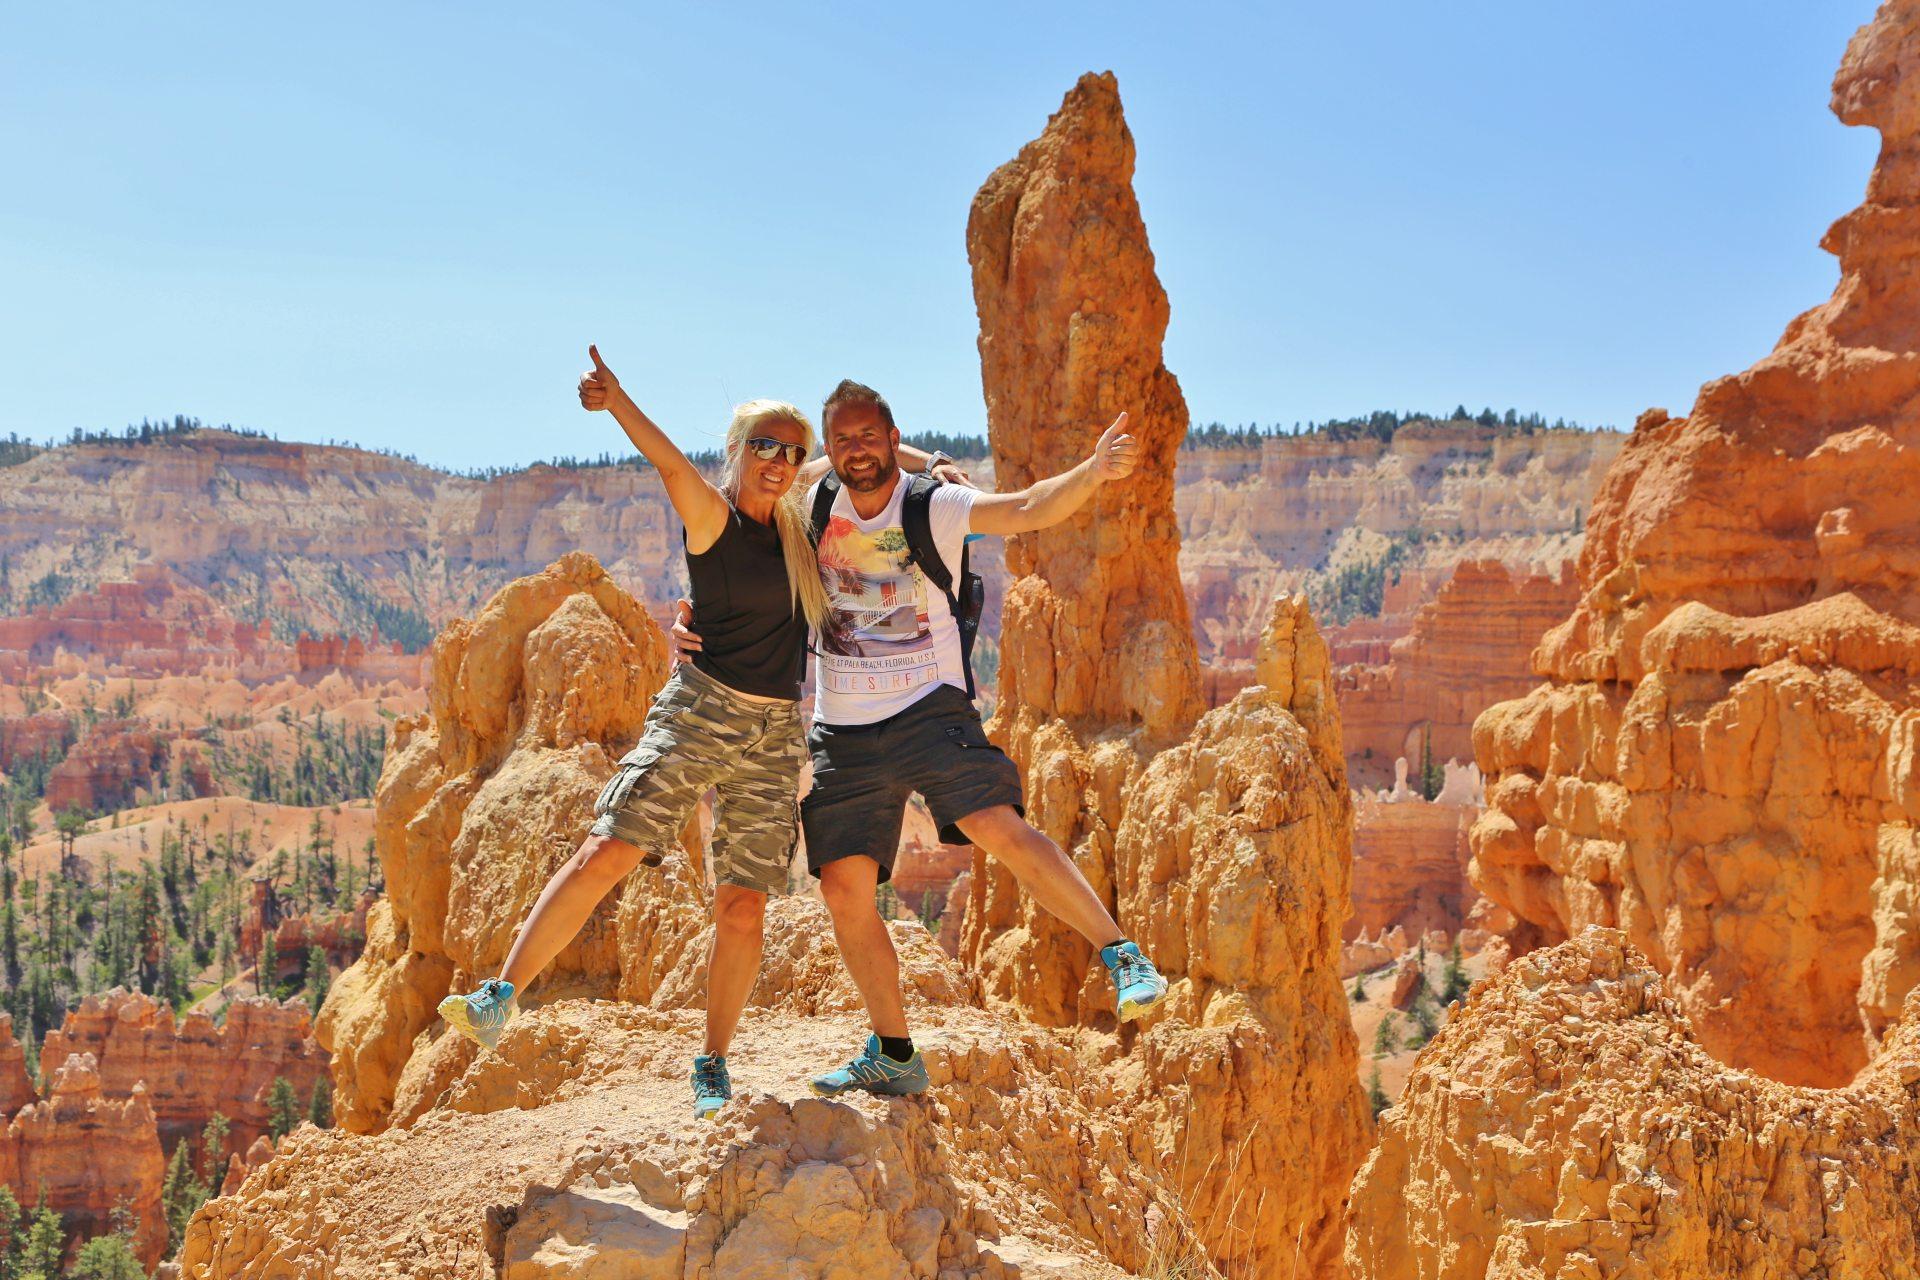 Happy Place - Blondine, Bryce Canyon National Park, Canyon, Erosion, farbenfroh, Felsnadeln, Felstürme, Geologie, Gestein, Gesteinssäulen, Gesteinsschichten, Himmel, Hoodoos, malerisch, Monolithen, Personen, Portrait, Porträt, Queens Garden Trail, Sandstein, traumhaft, Utah - HOFBAUER-HOFMANN Sofia, WEISSINGER Andreas - (Bryce Canyon, Bryce, Utah, Vereinigte Staaten)